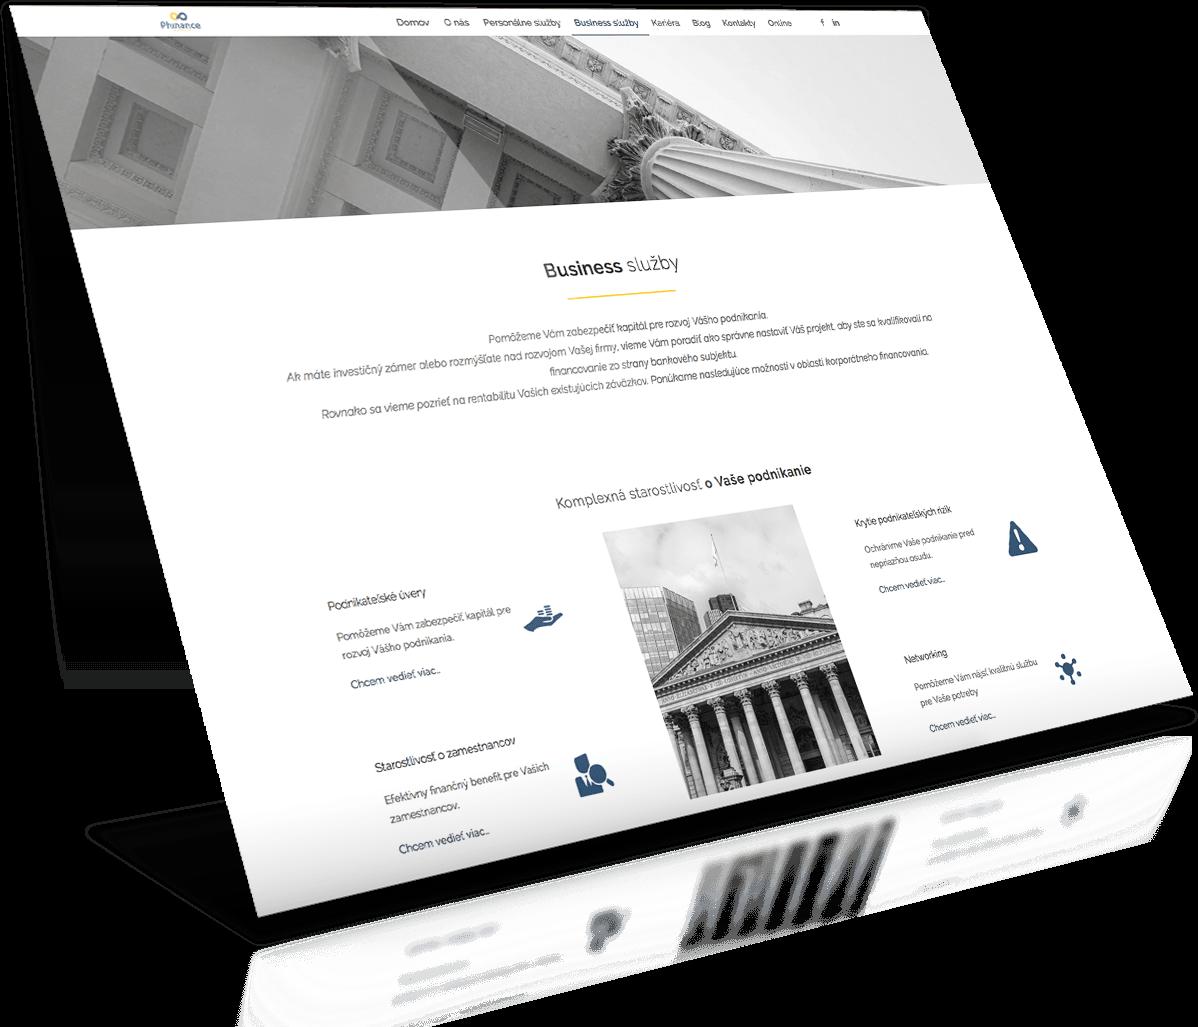 Tvorba web stránok - referencia phinance.sk